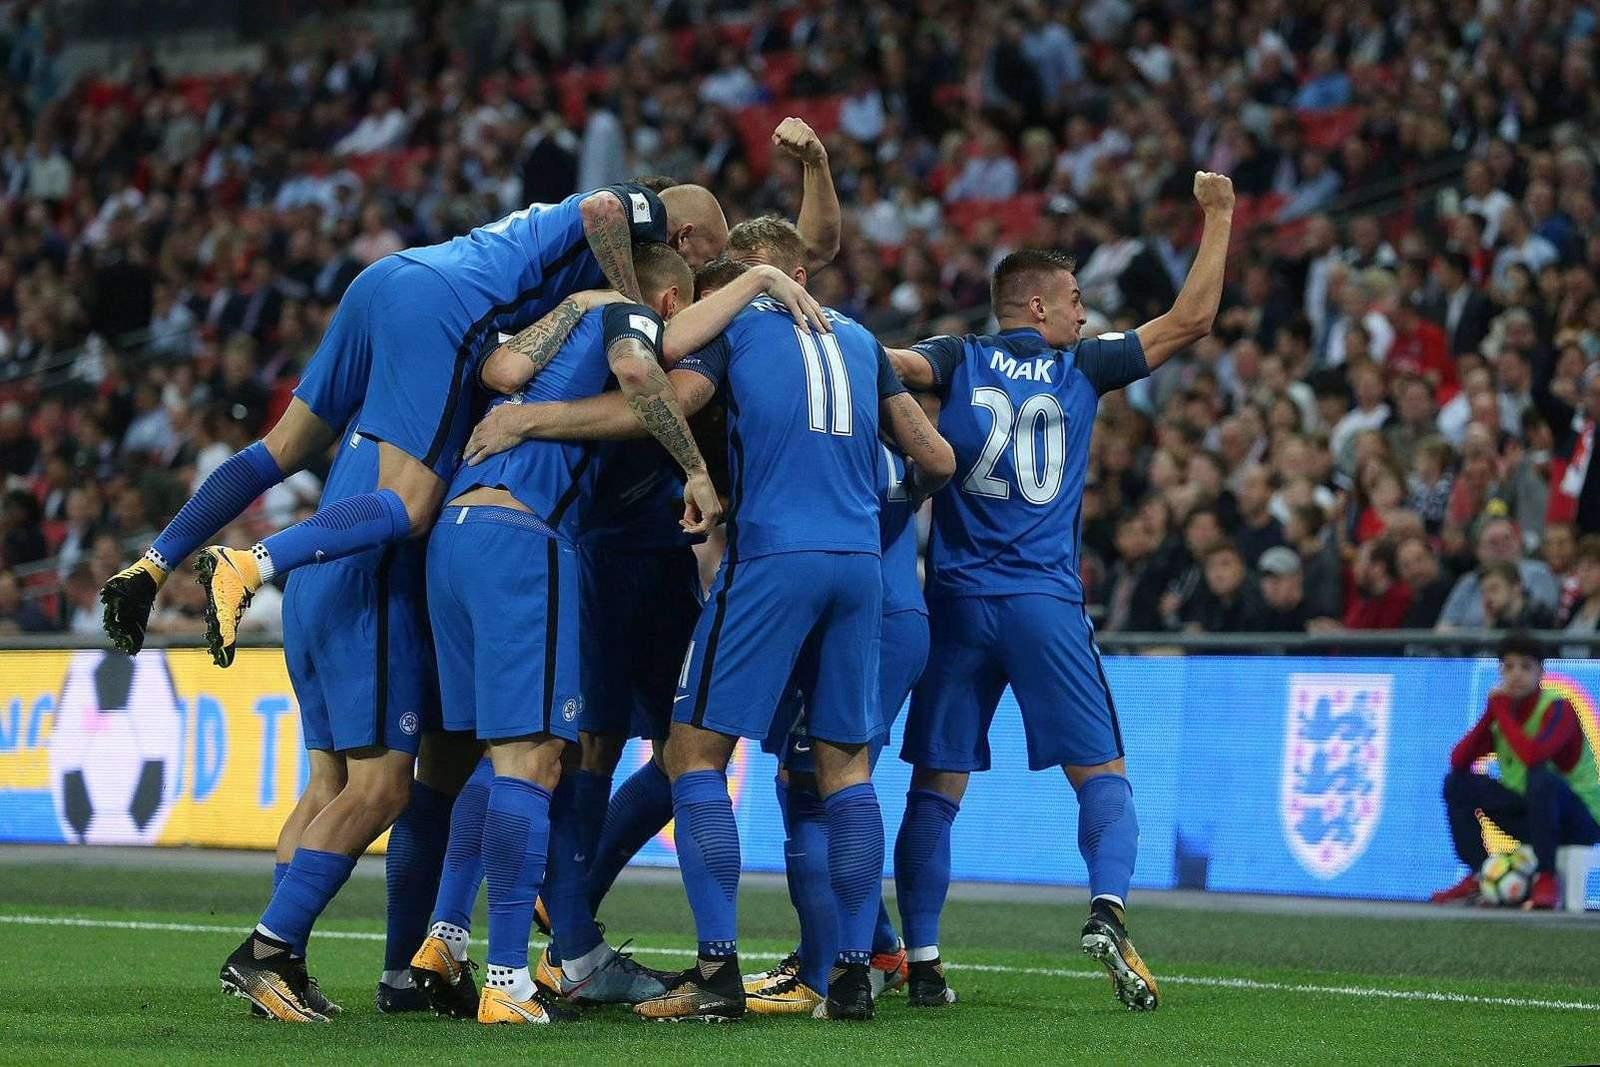 Словакия – Хорватия: прогноз на матч отборочного цикла чемпионата мира-2022 - 4 сентября 2021